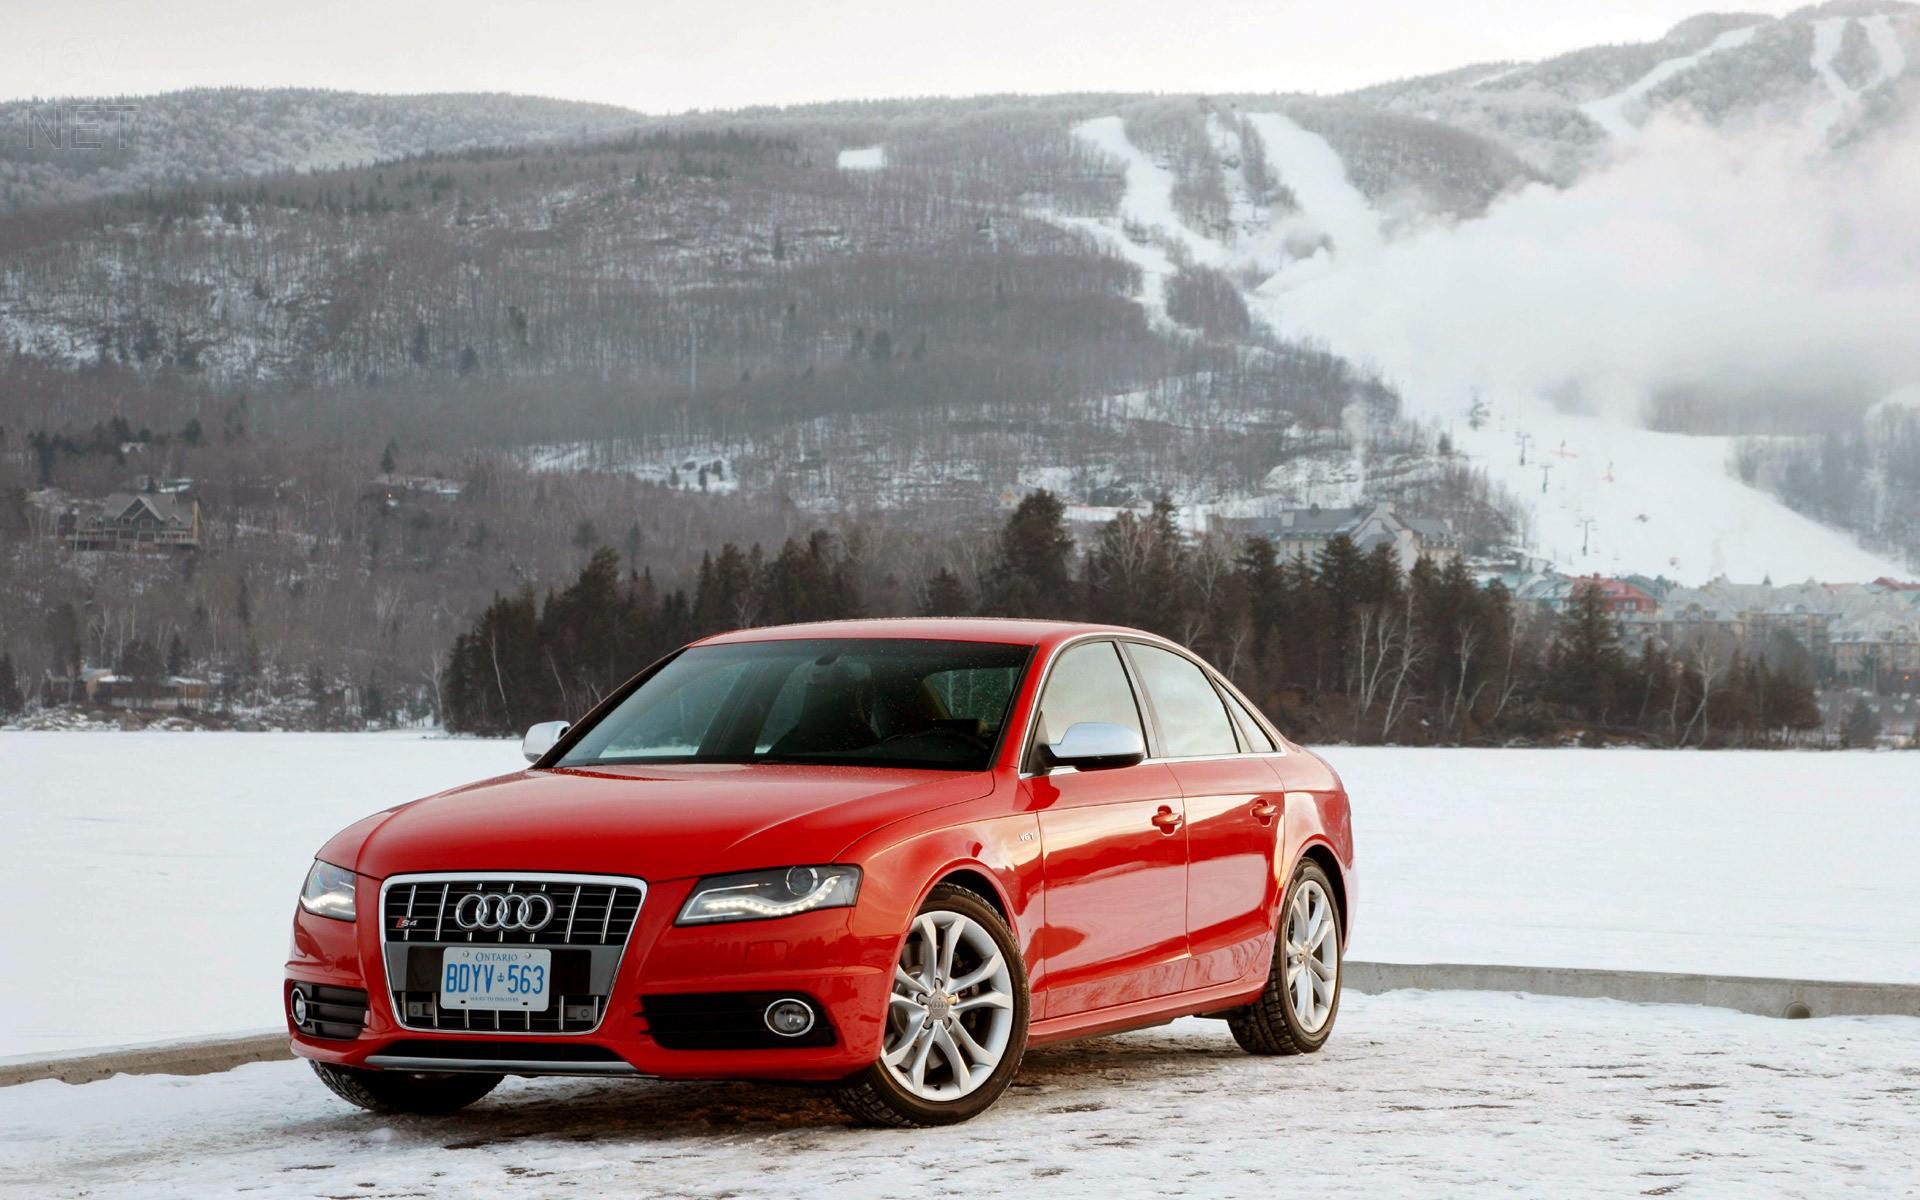 графика автомобиль красный спортивный снег зима скачать